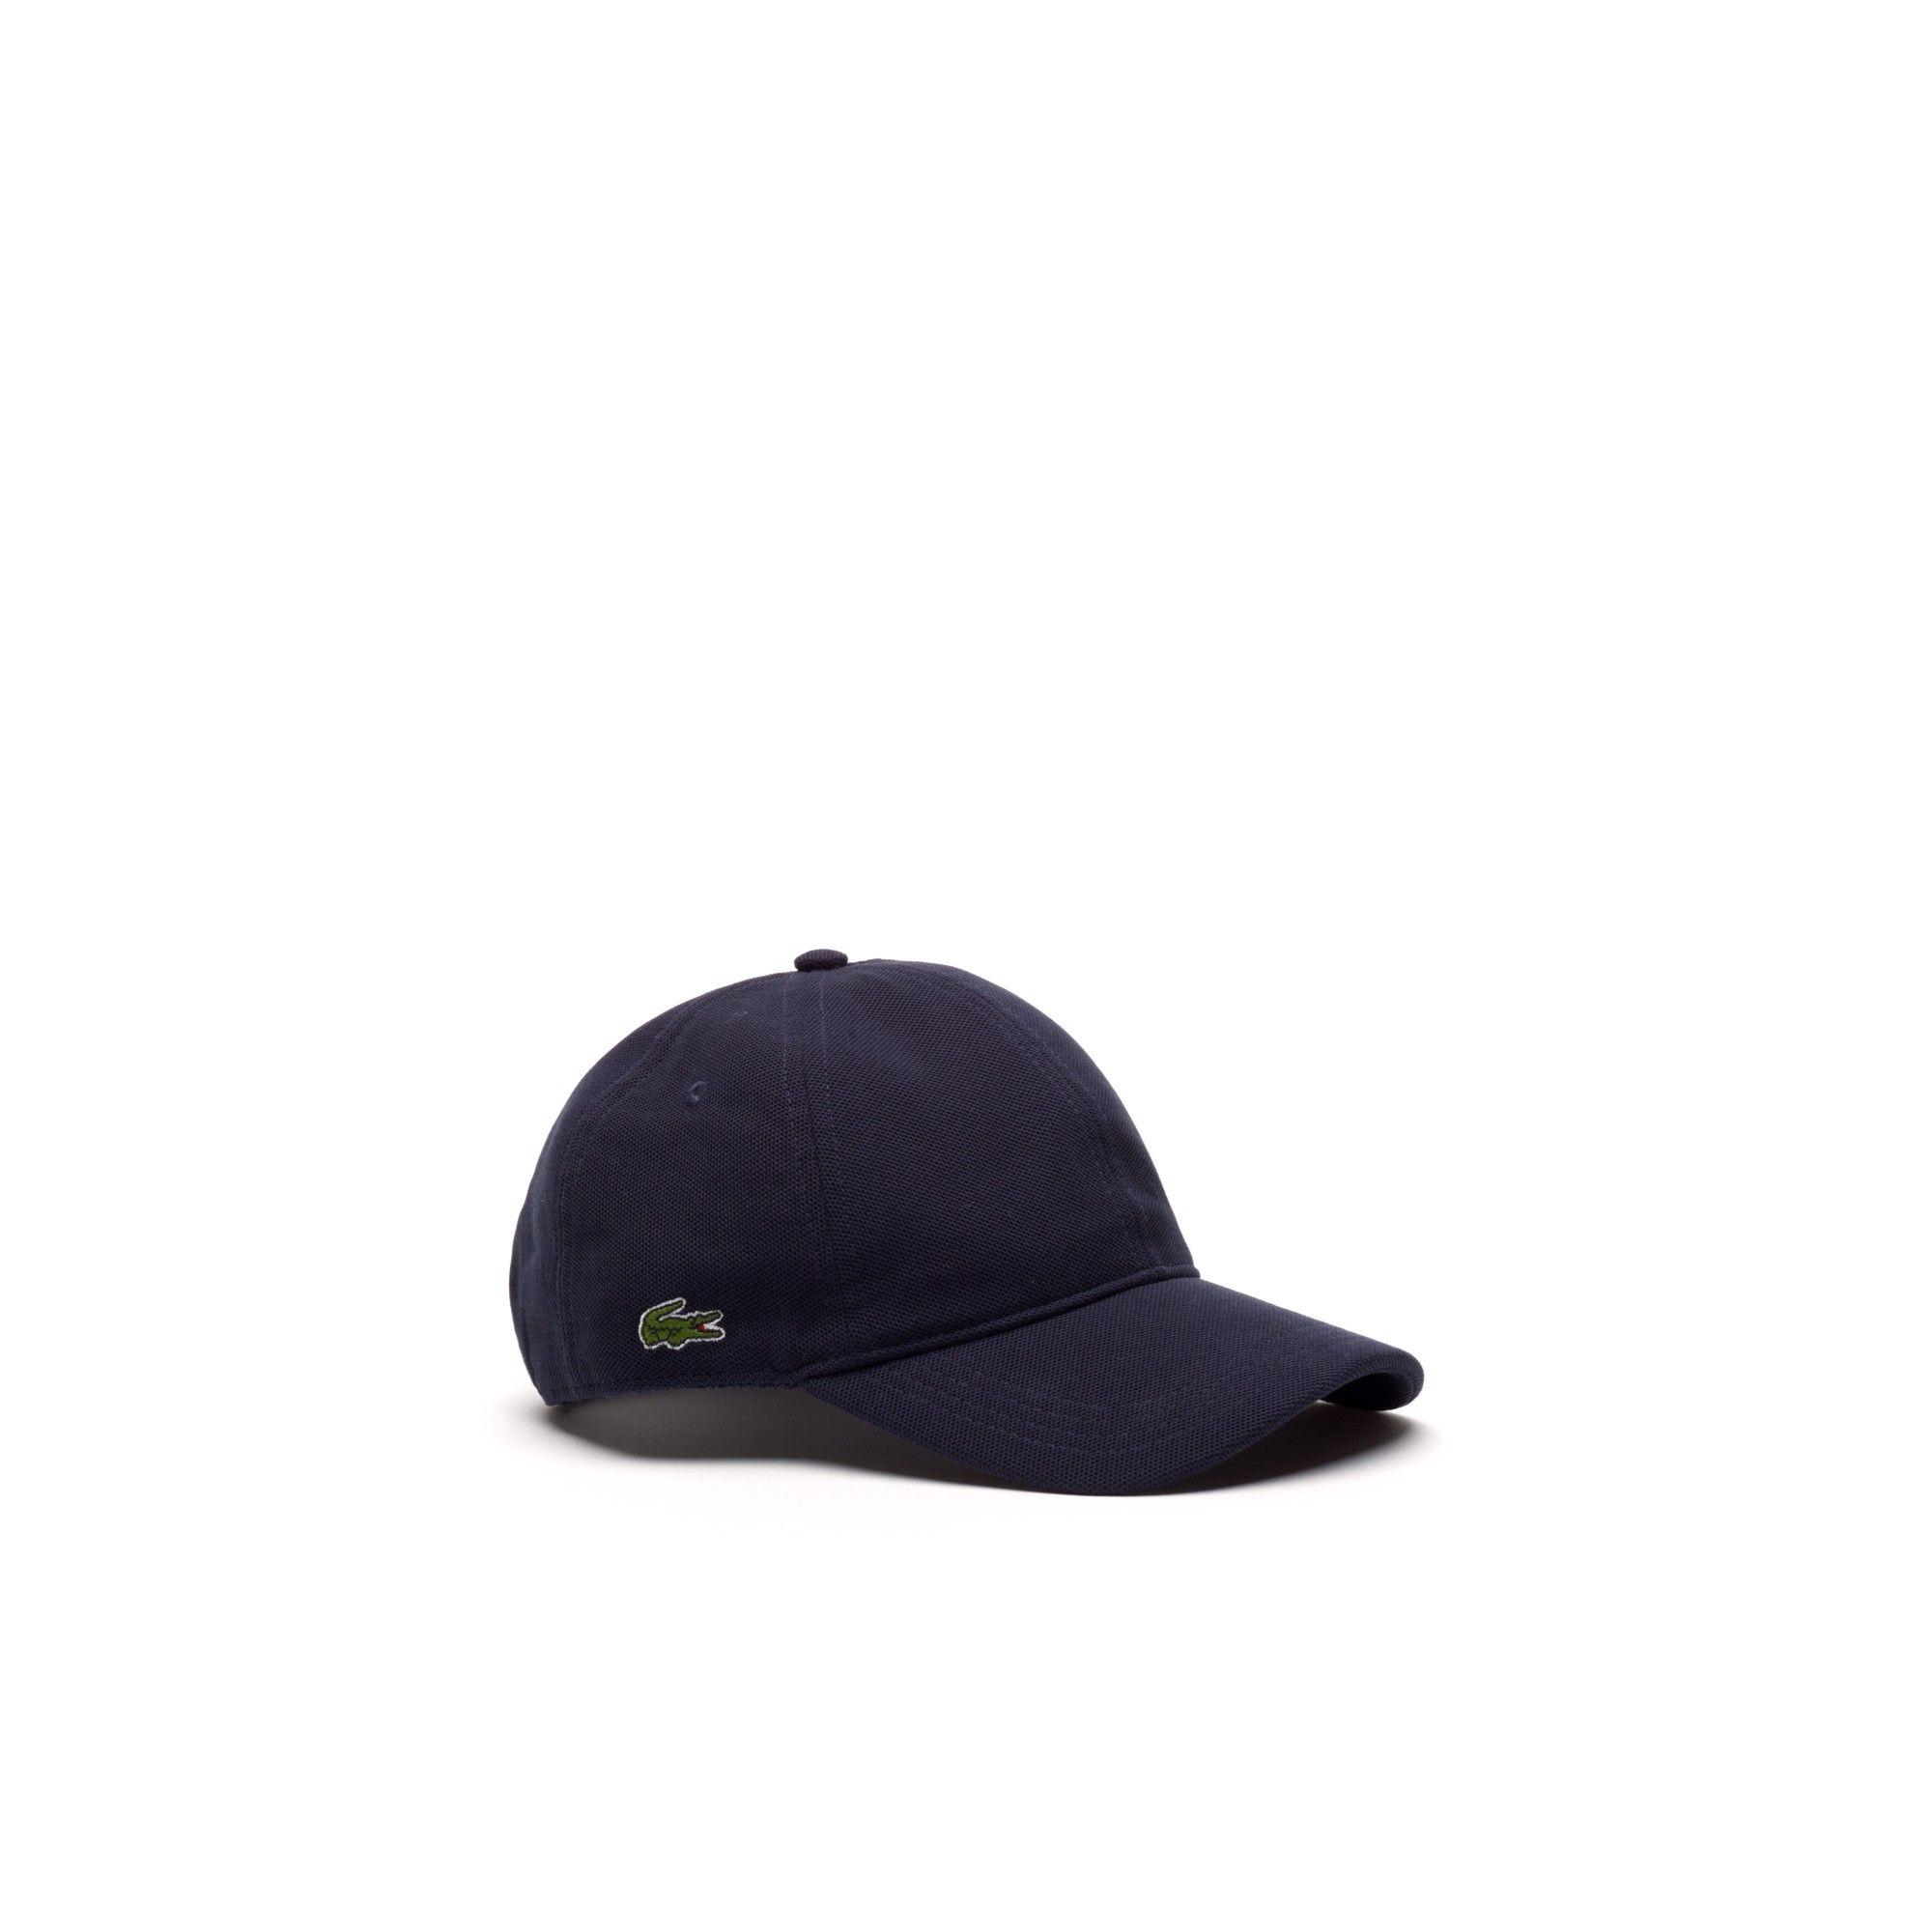 10515bb1065 Lacoste Men s Cotton Pique Cap - Navy Blue S